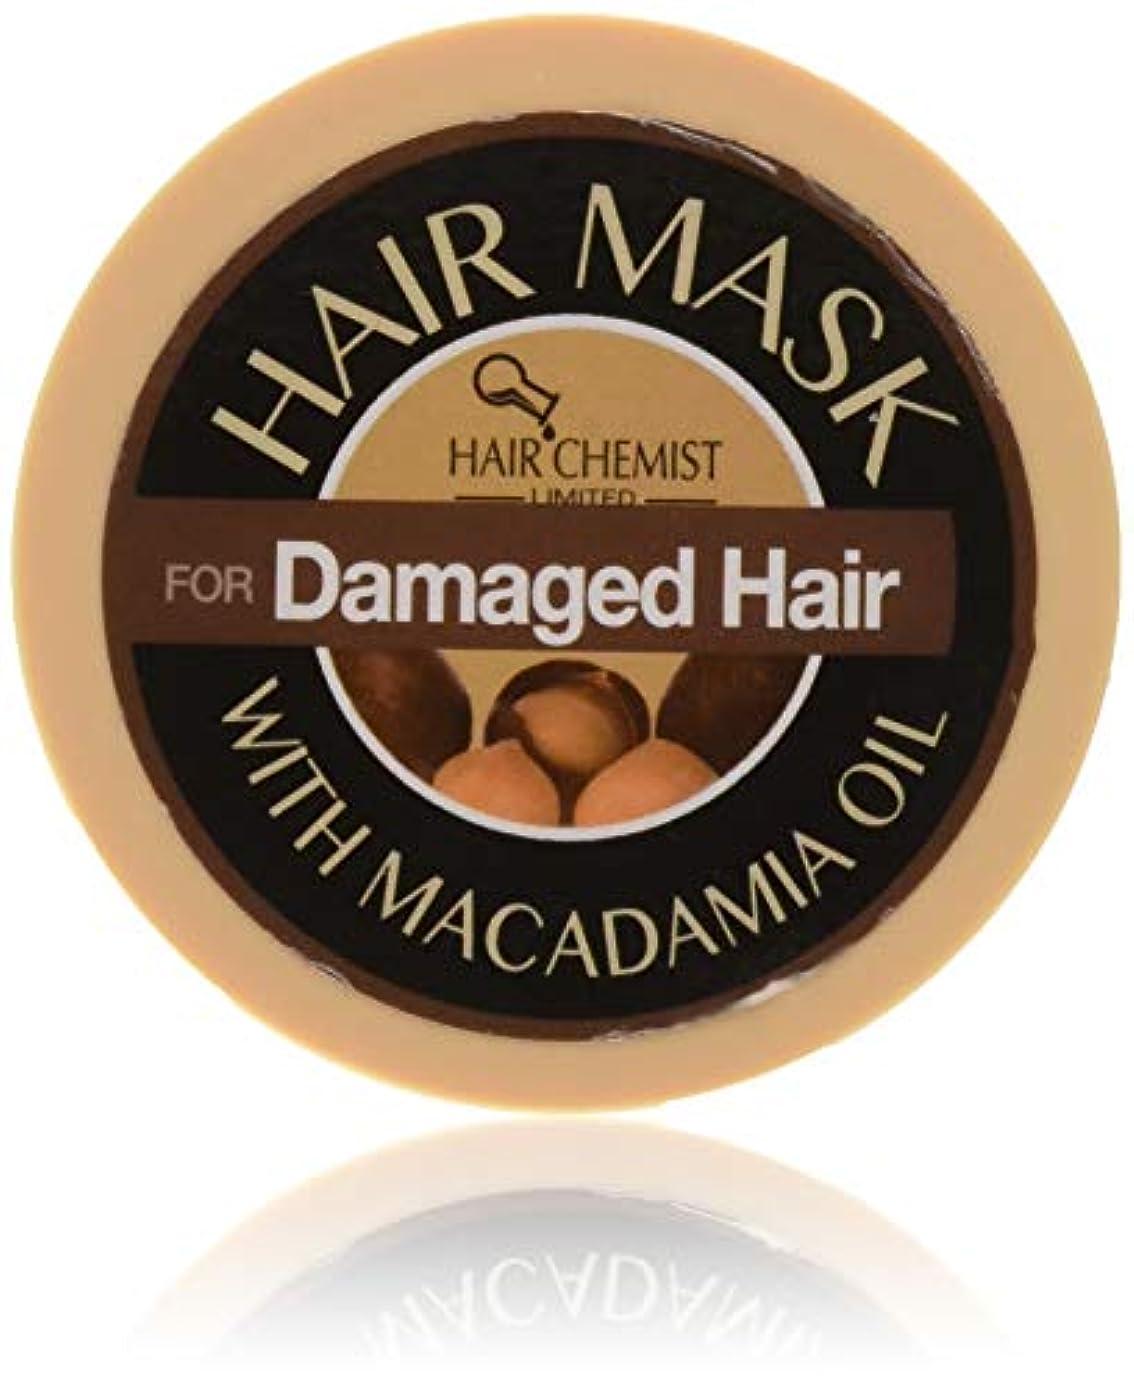 チャレンジ日記むちゃくちゃHAIR CHEMIST ヘアマスク マカダミアオイル ダメージヘア 57g Hair Mask Macadamia Oil For Damaged Hair 1522 New York